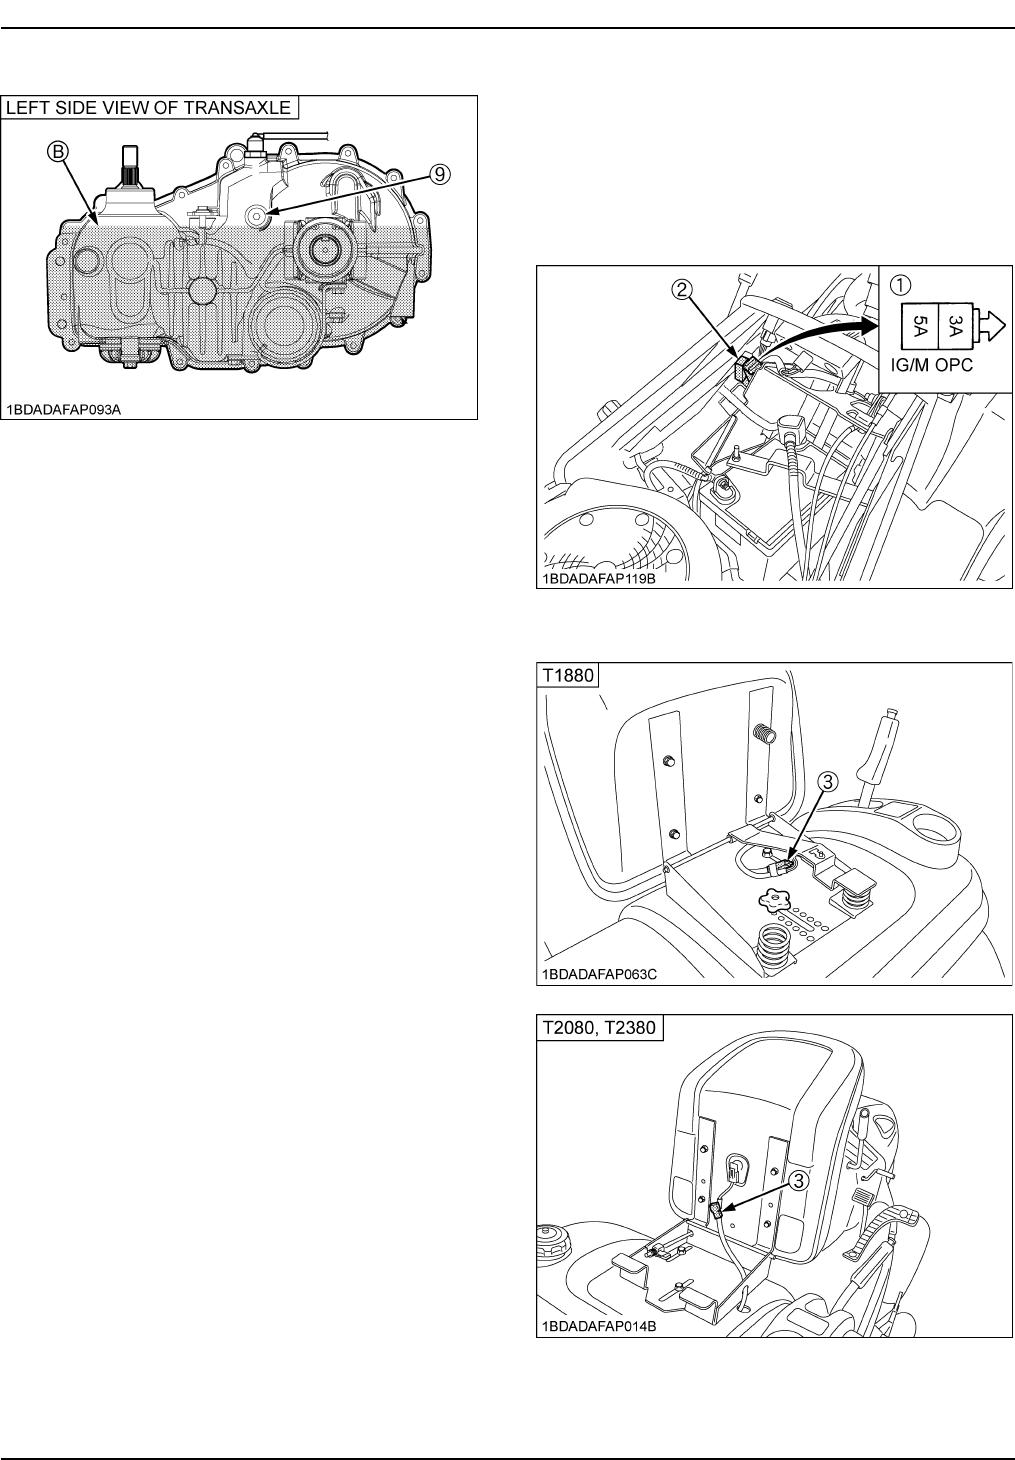 Enjoyable Handleiding Kubota T1880 Pagina 68 Van 78 English Wiring Cloud Hisonuggs Outletorg